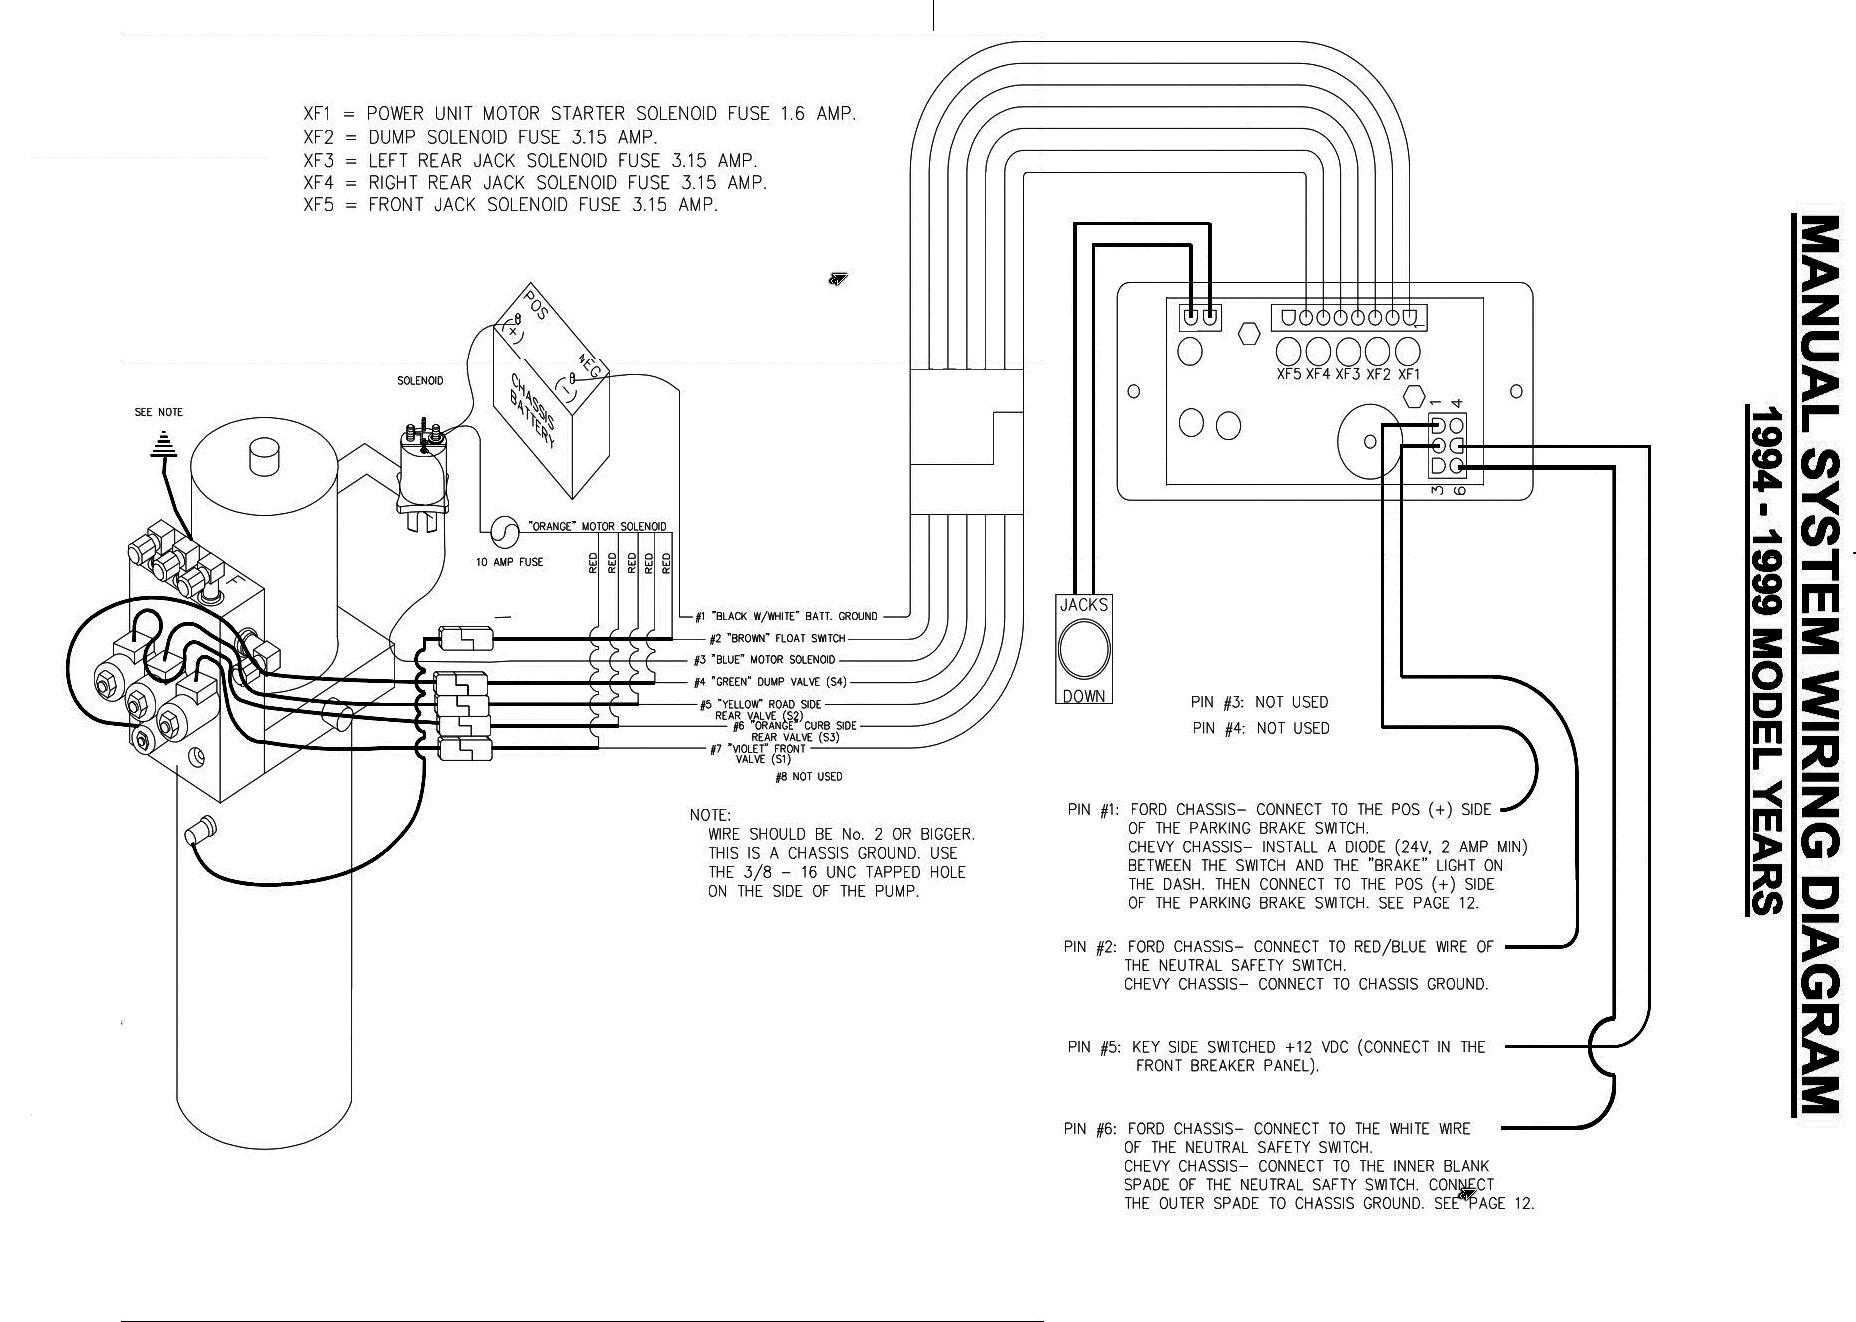 fleetwood motorhomes wiring diagrams dodge ram